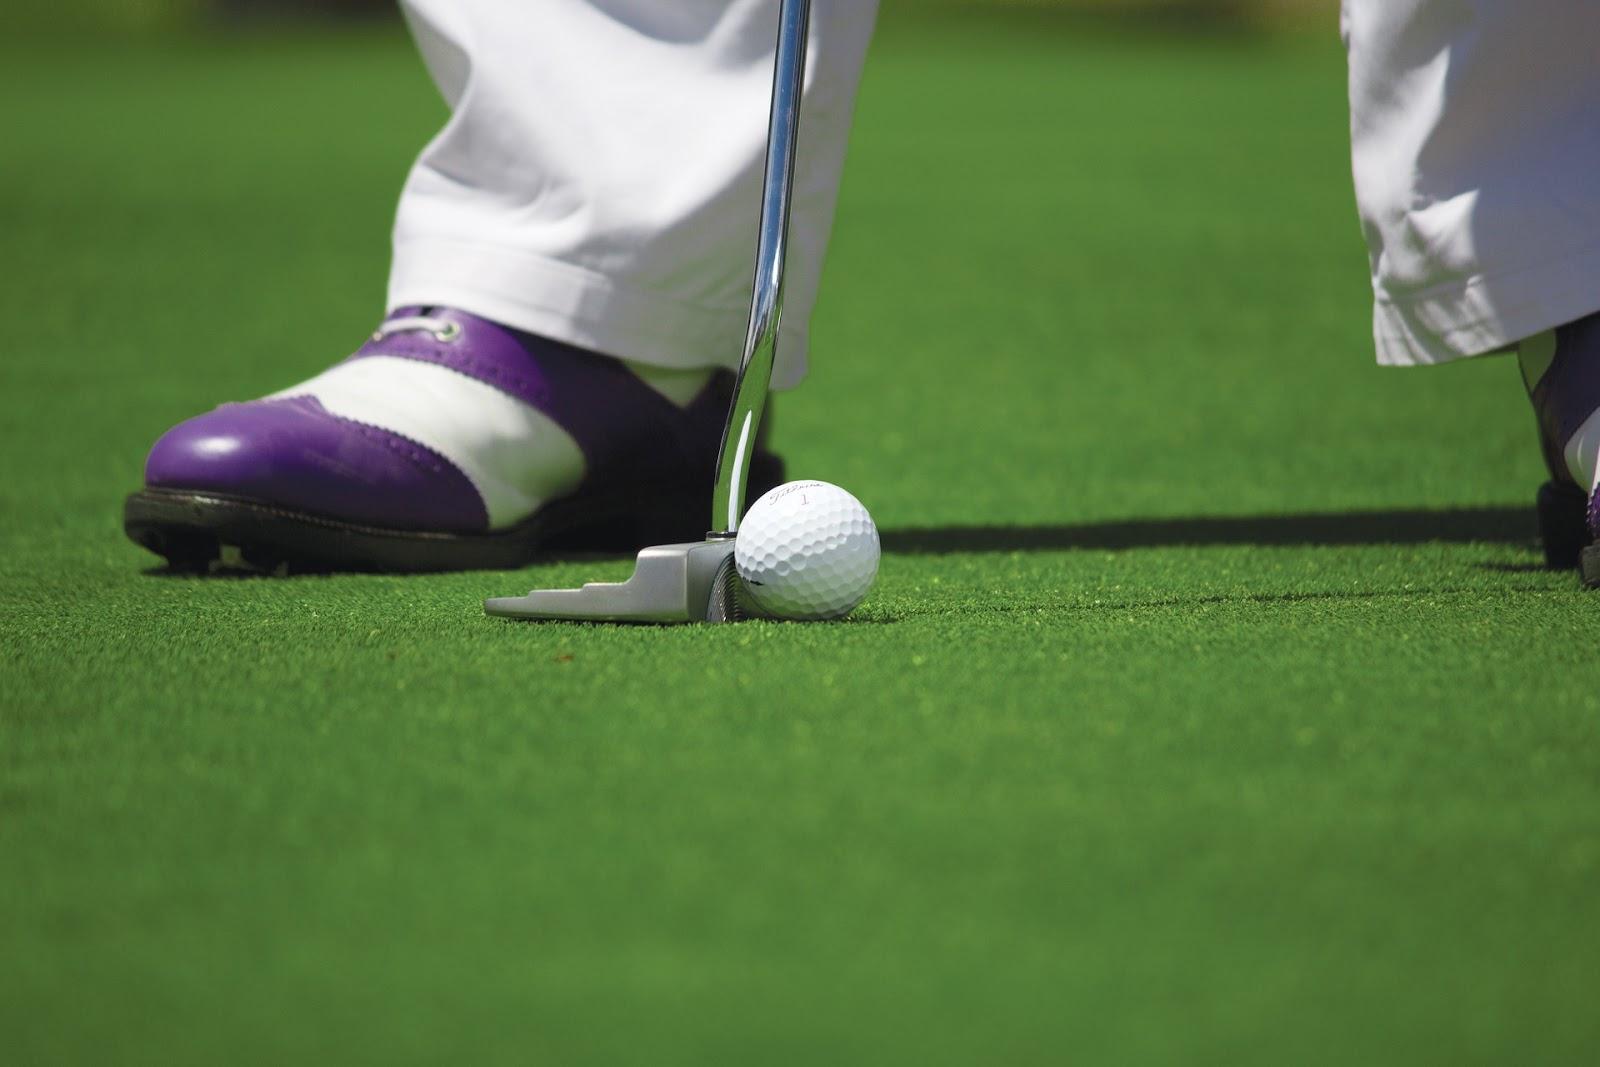 Sau khi bóng ở trên green, bóng phải được đẩy vào lỗ bằng gậy gạt bóng và không được sử dụng gậy khác.